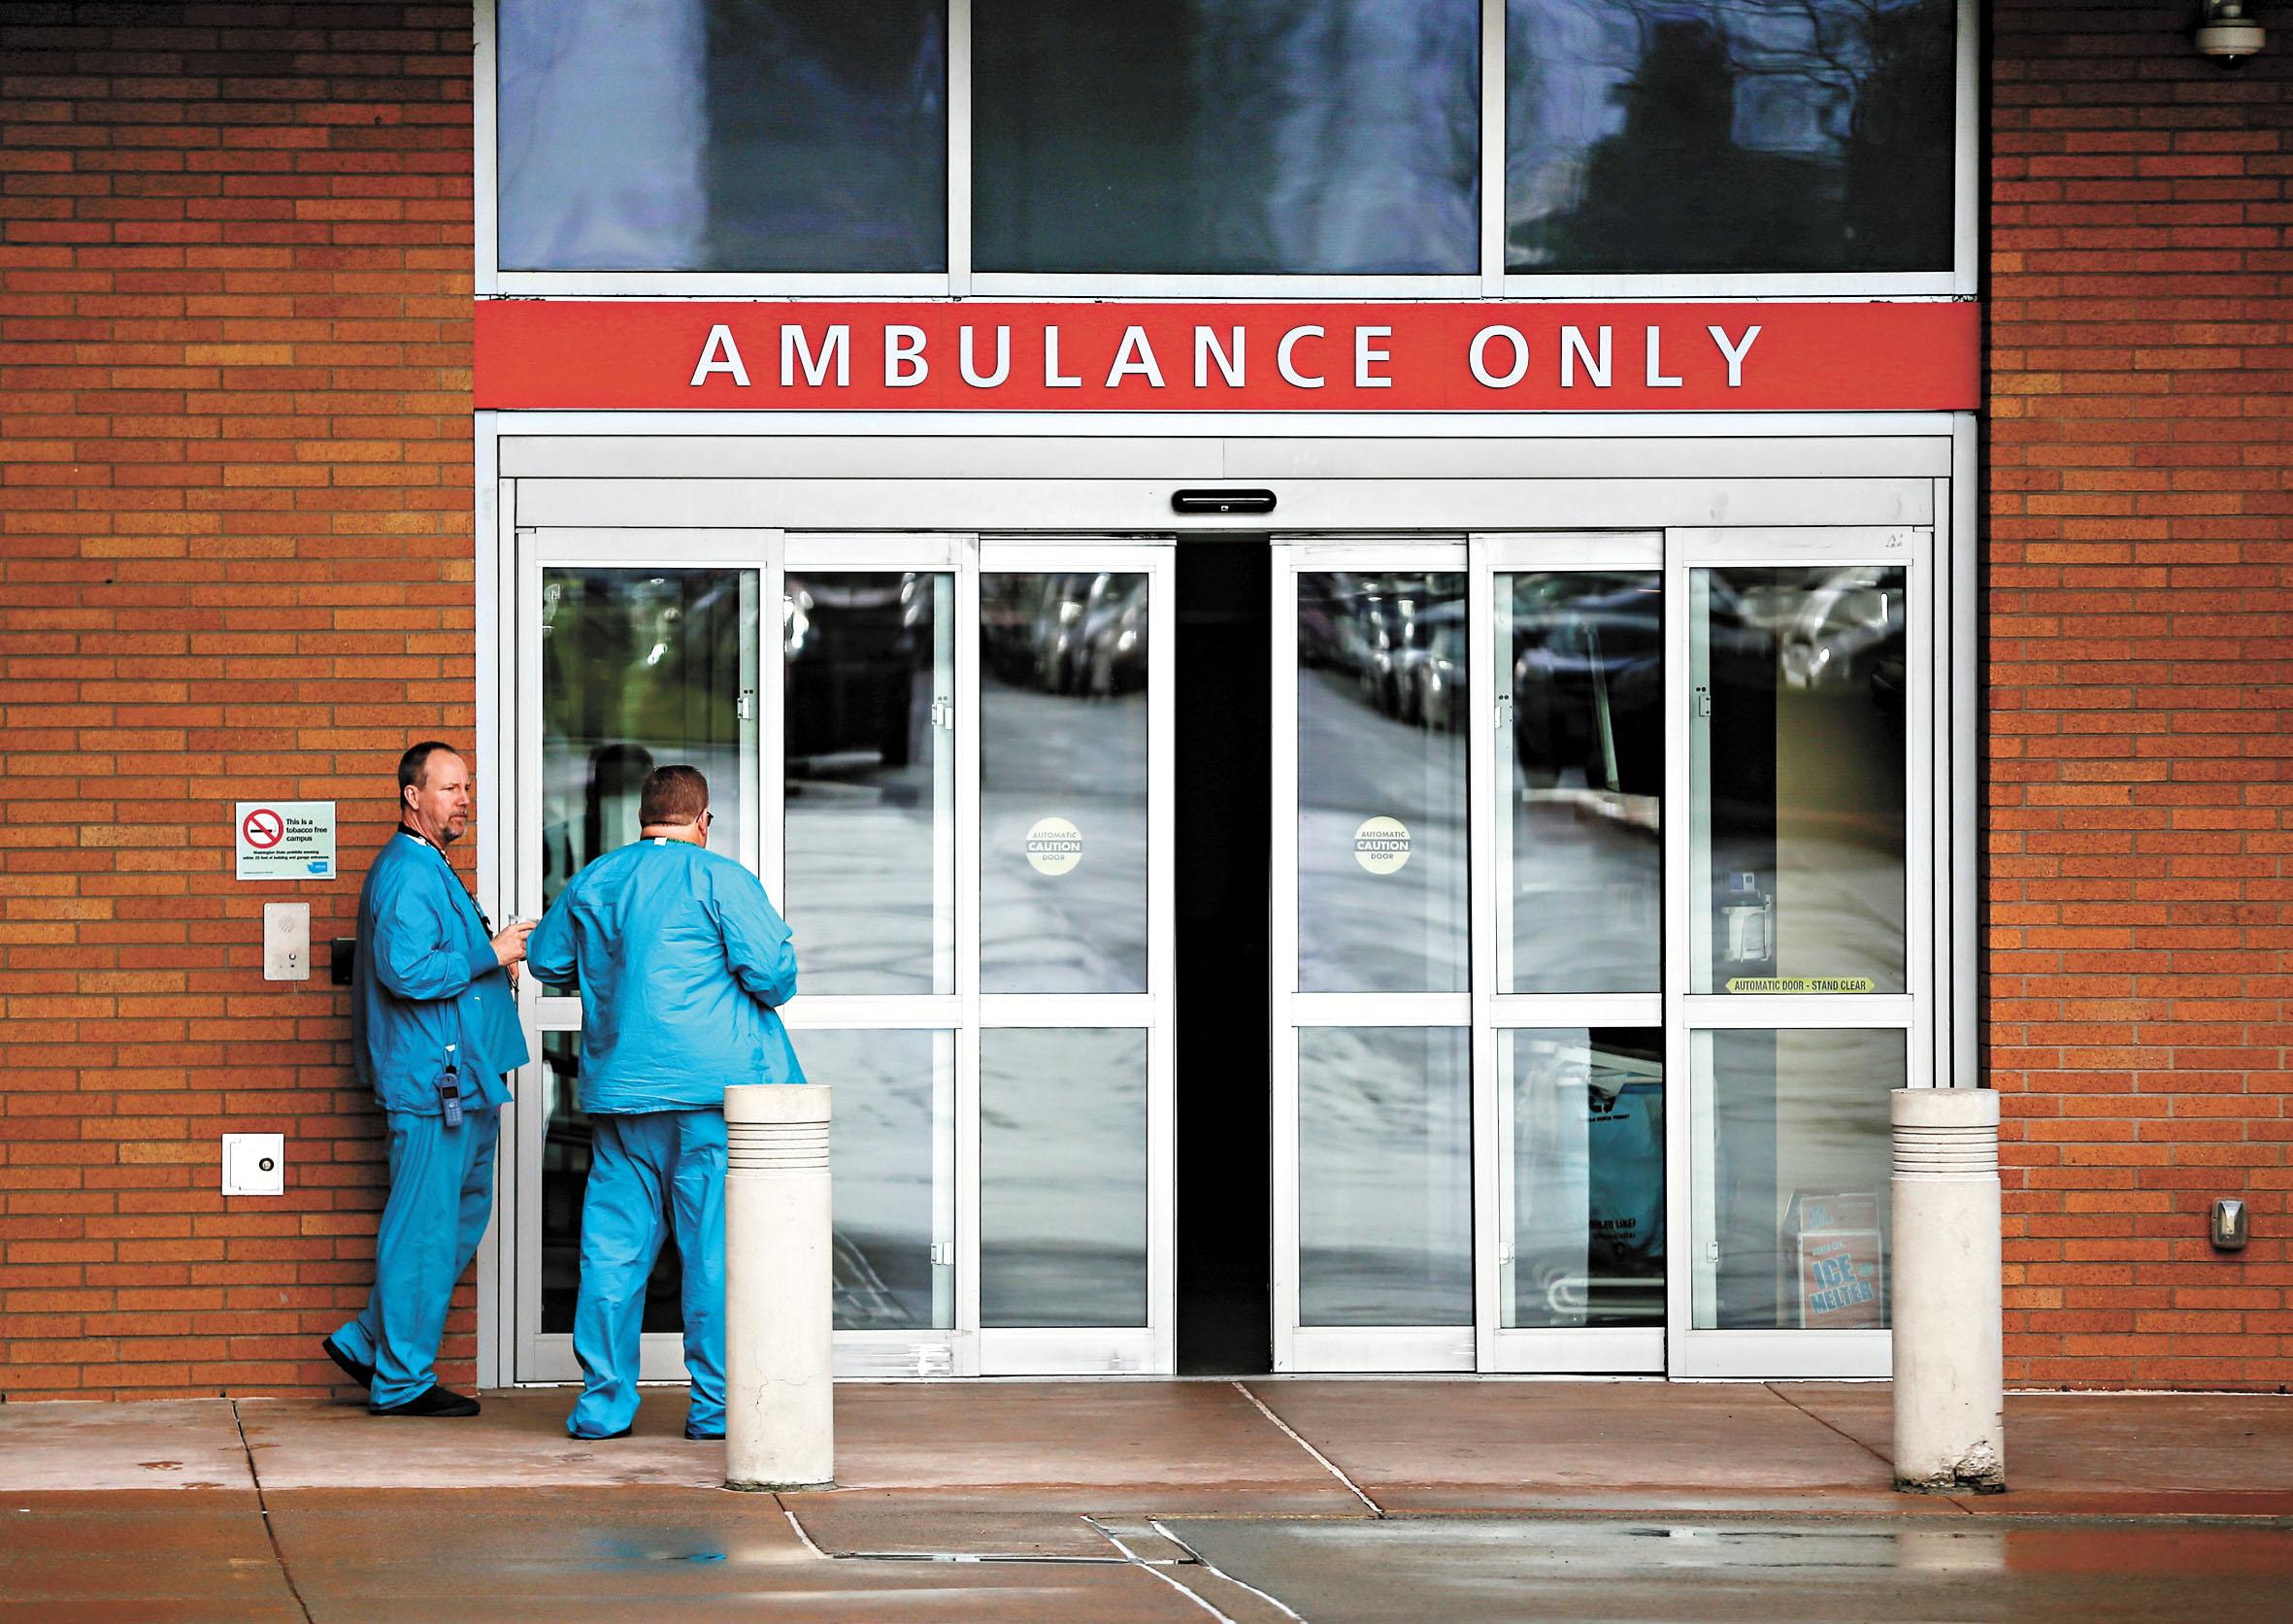 普羅維登斯地區醫療中心醫療中心表示,患者至少在23日之前,都會接受隔離治療和觀察。路透社